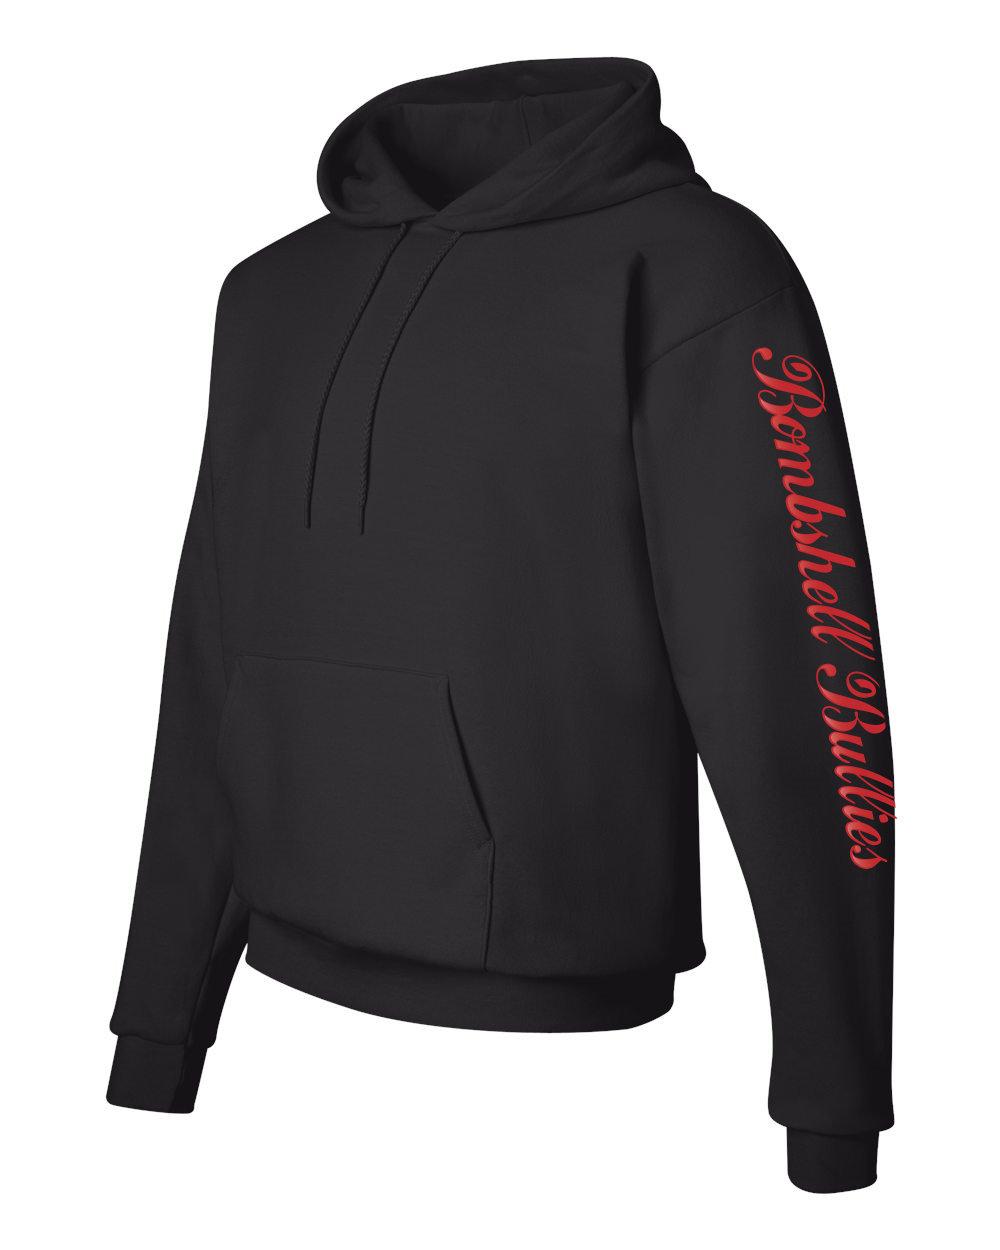 Bombshell Unisex Pullover Sweatshirt